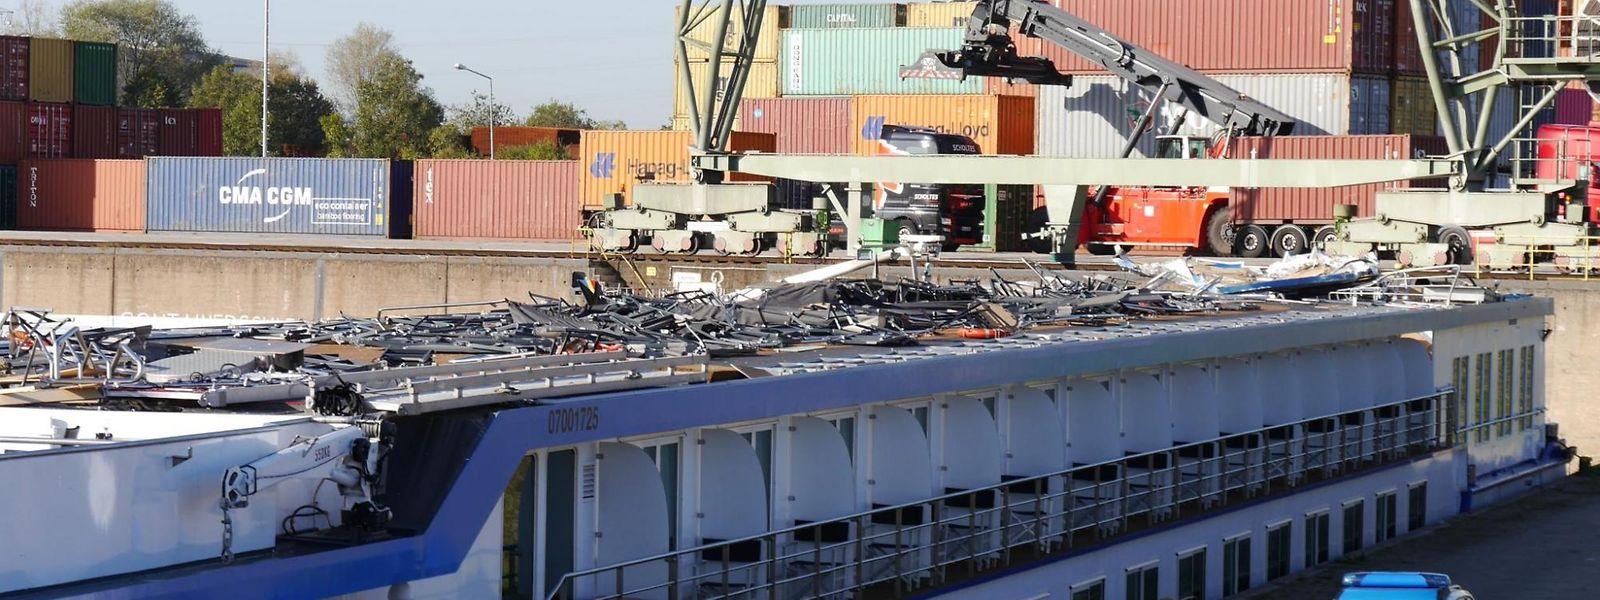 Das Führerhaus des Flusskreuzfahrtschiffs wurde komplett abgerissen.